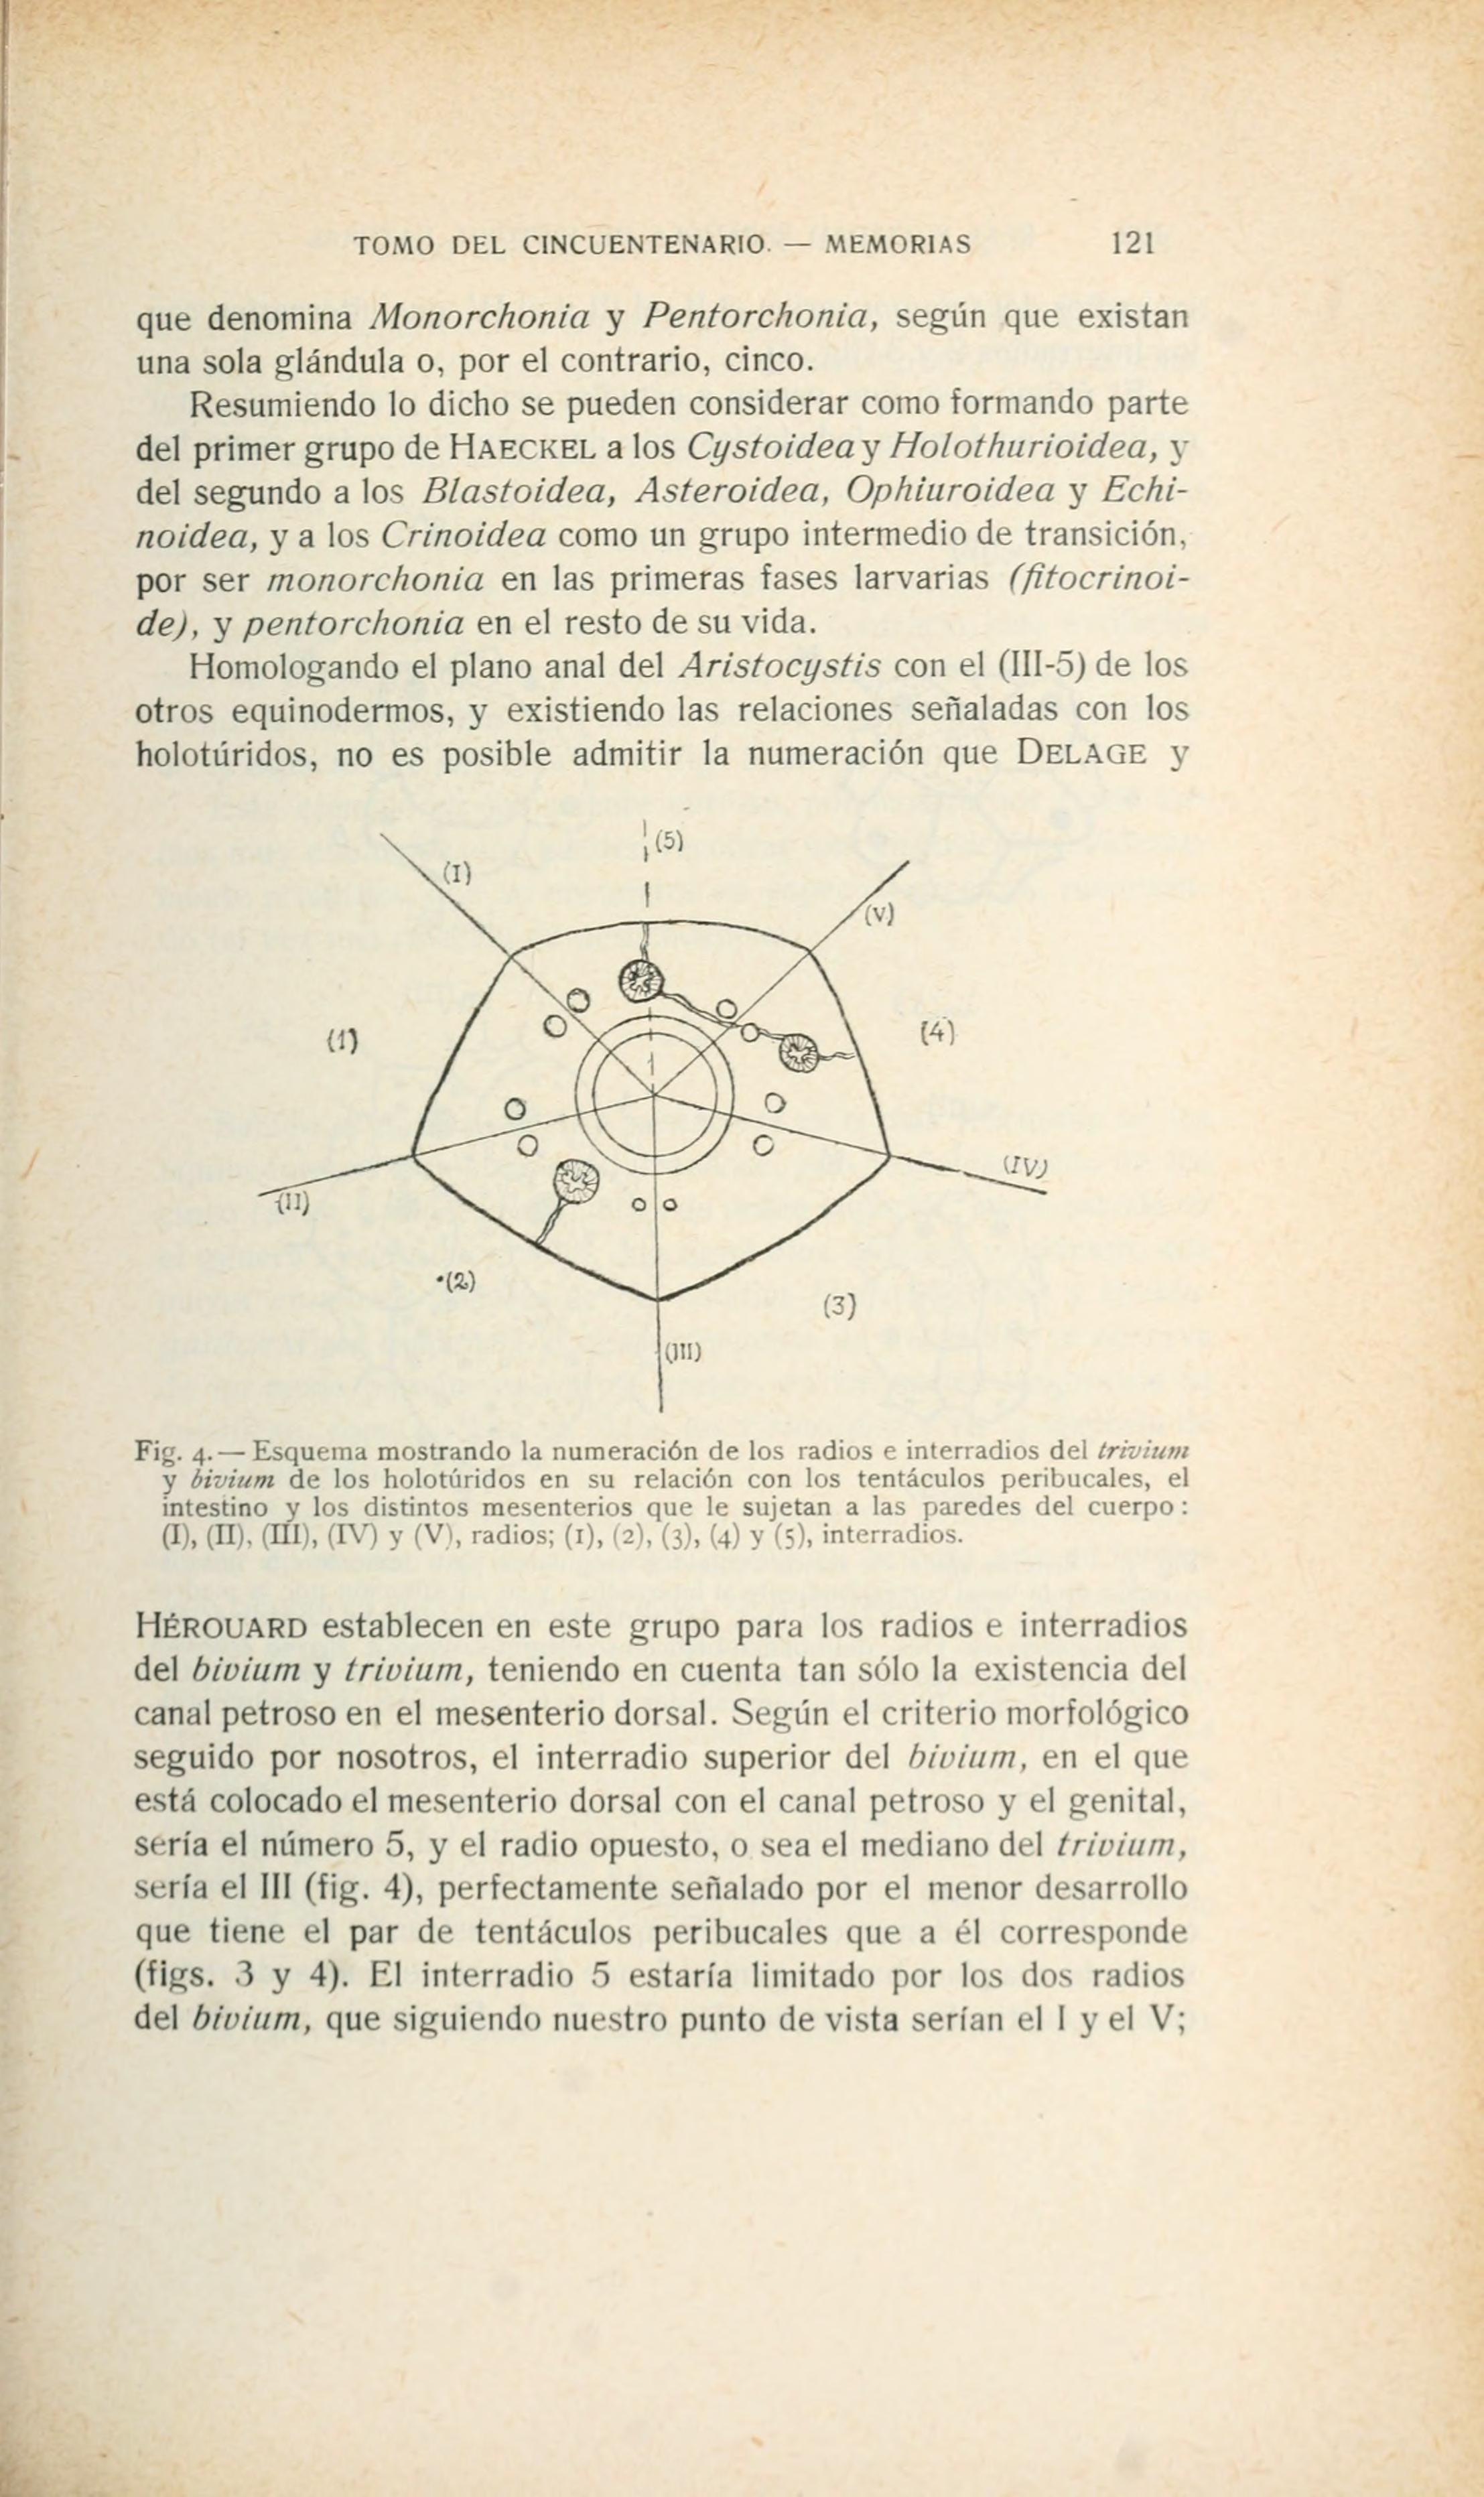 Real Sociedad Española de Historia Natural (Page 121) BHL23591298.jpg Real Sociedad Española de Historia Natural. Tomo extraordinario publicado